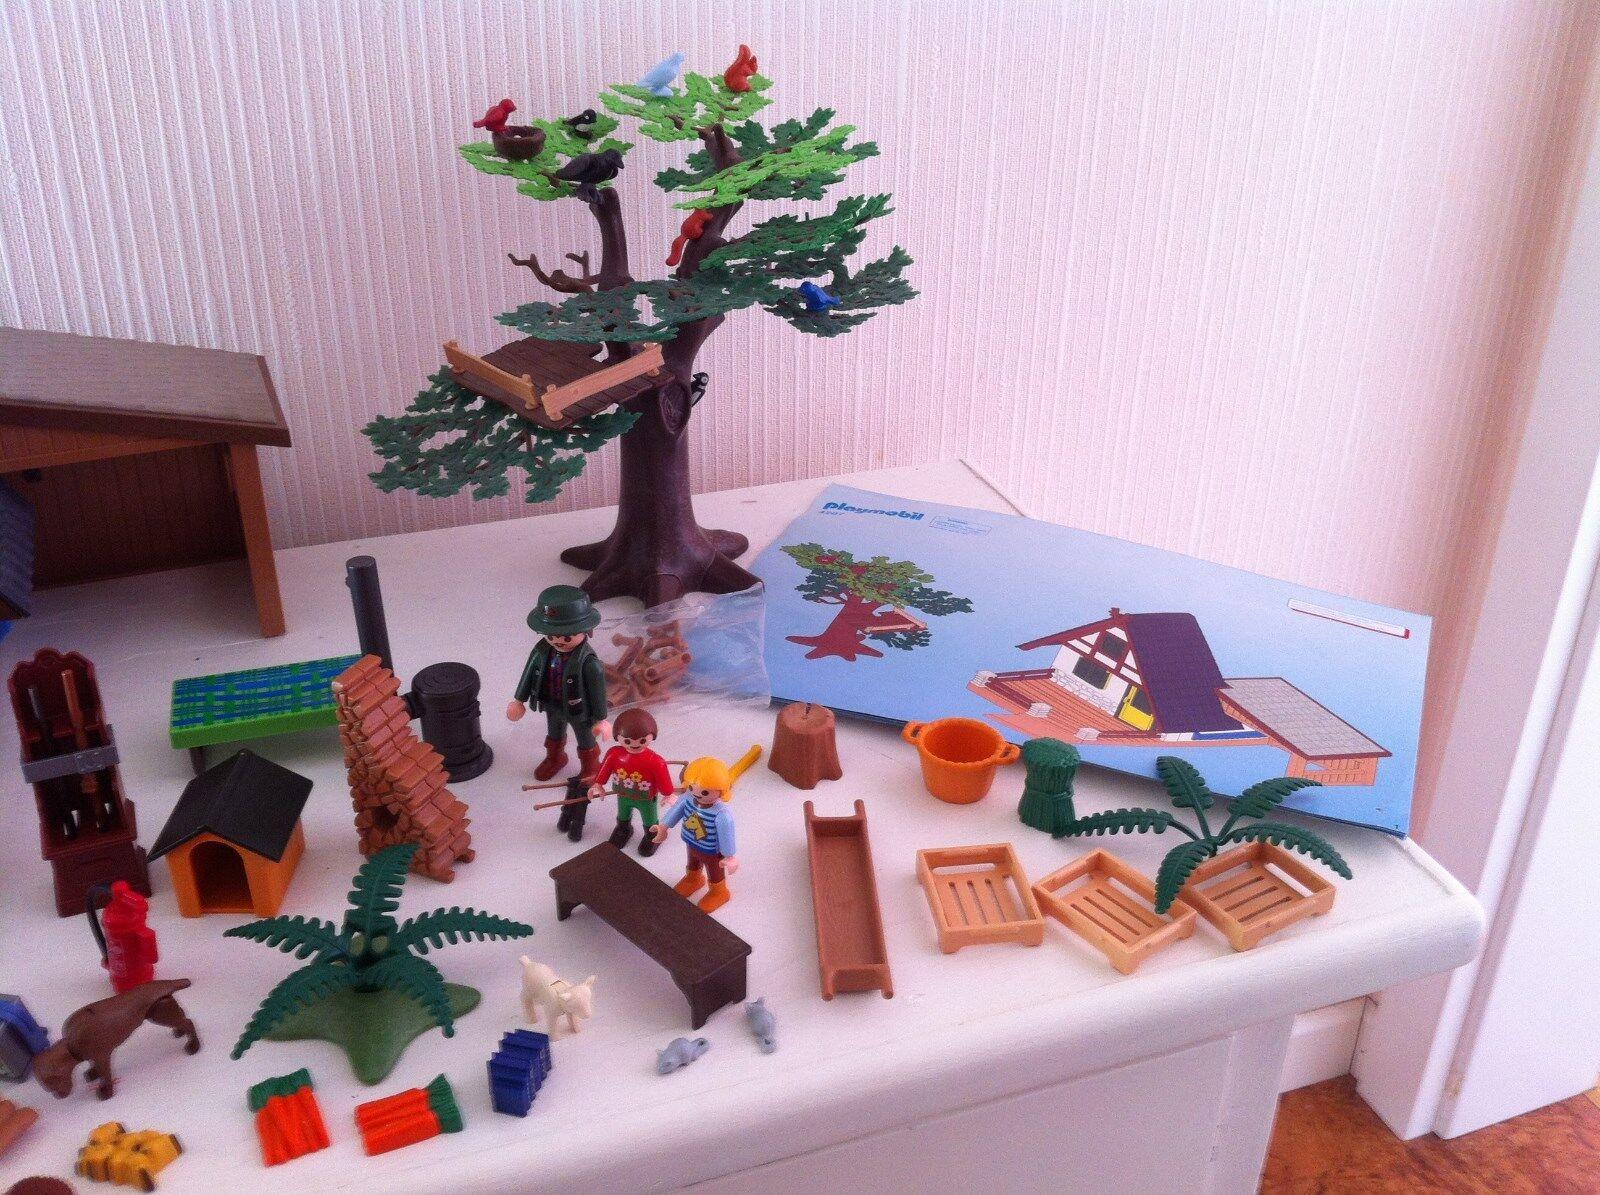 Playmobil Forsthaus mit mit Forsthaus Tierpflegestation 4207 -Top Zustand aad40f